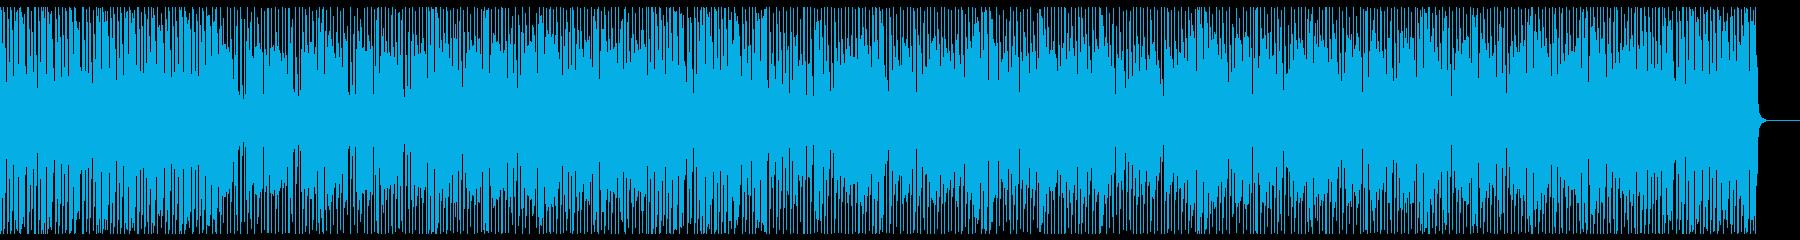 豪華で熱狂的 ビッグバンドロックンロールの再生済みの波形